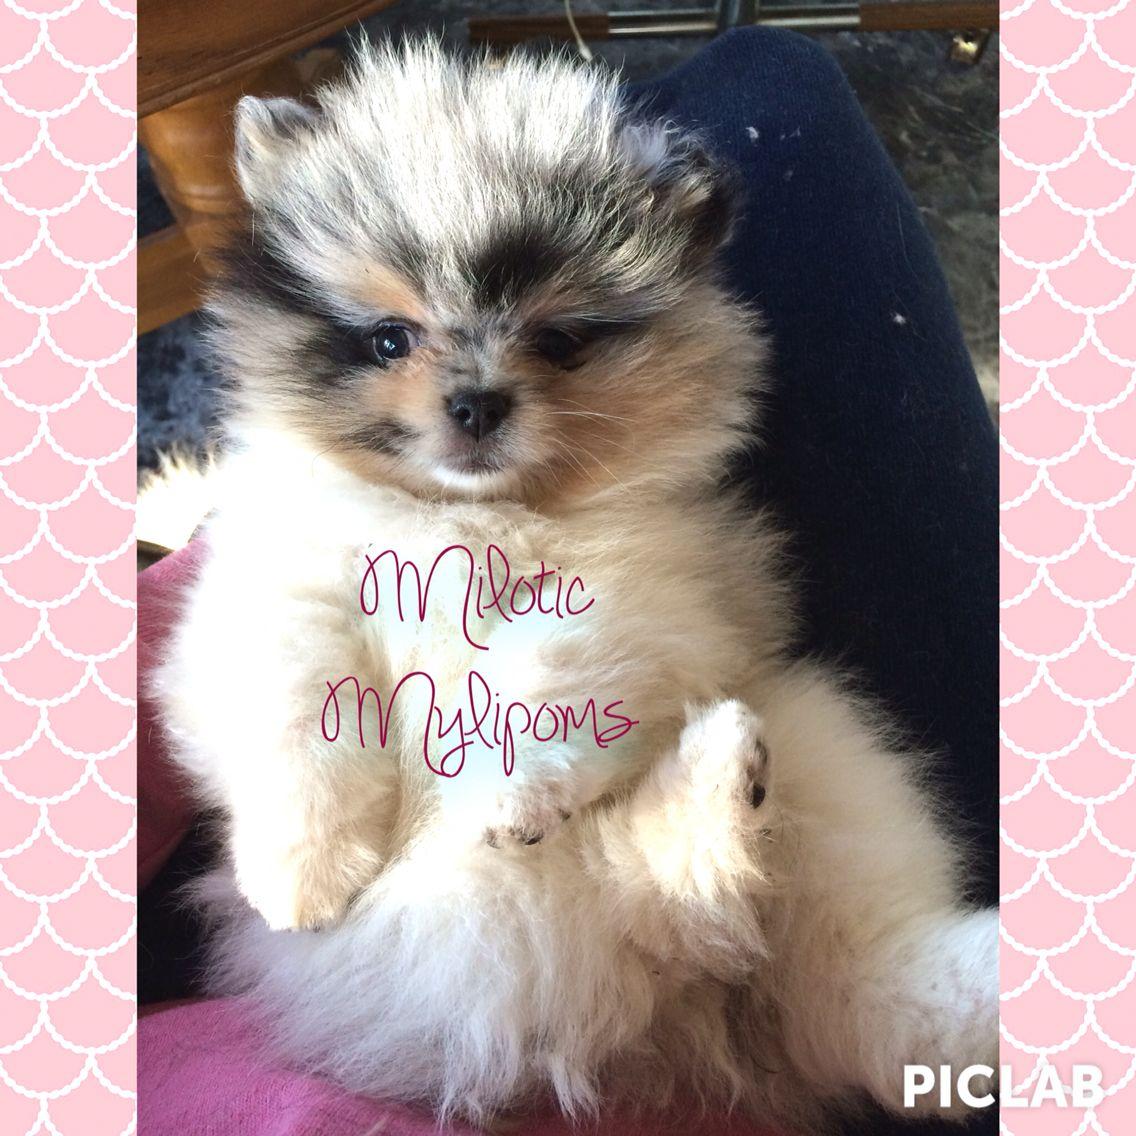 Baby bear, bear cub, pomeranian, Merle pomeranian, blue Merle pomeranian. Cute puppy.